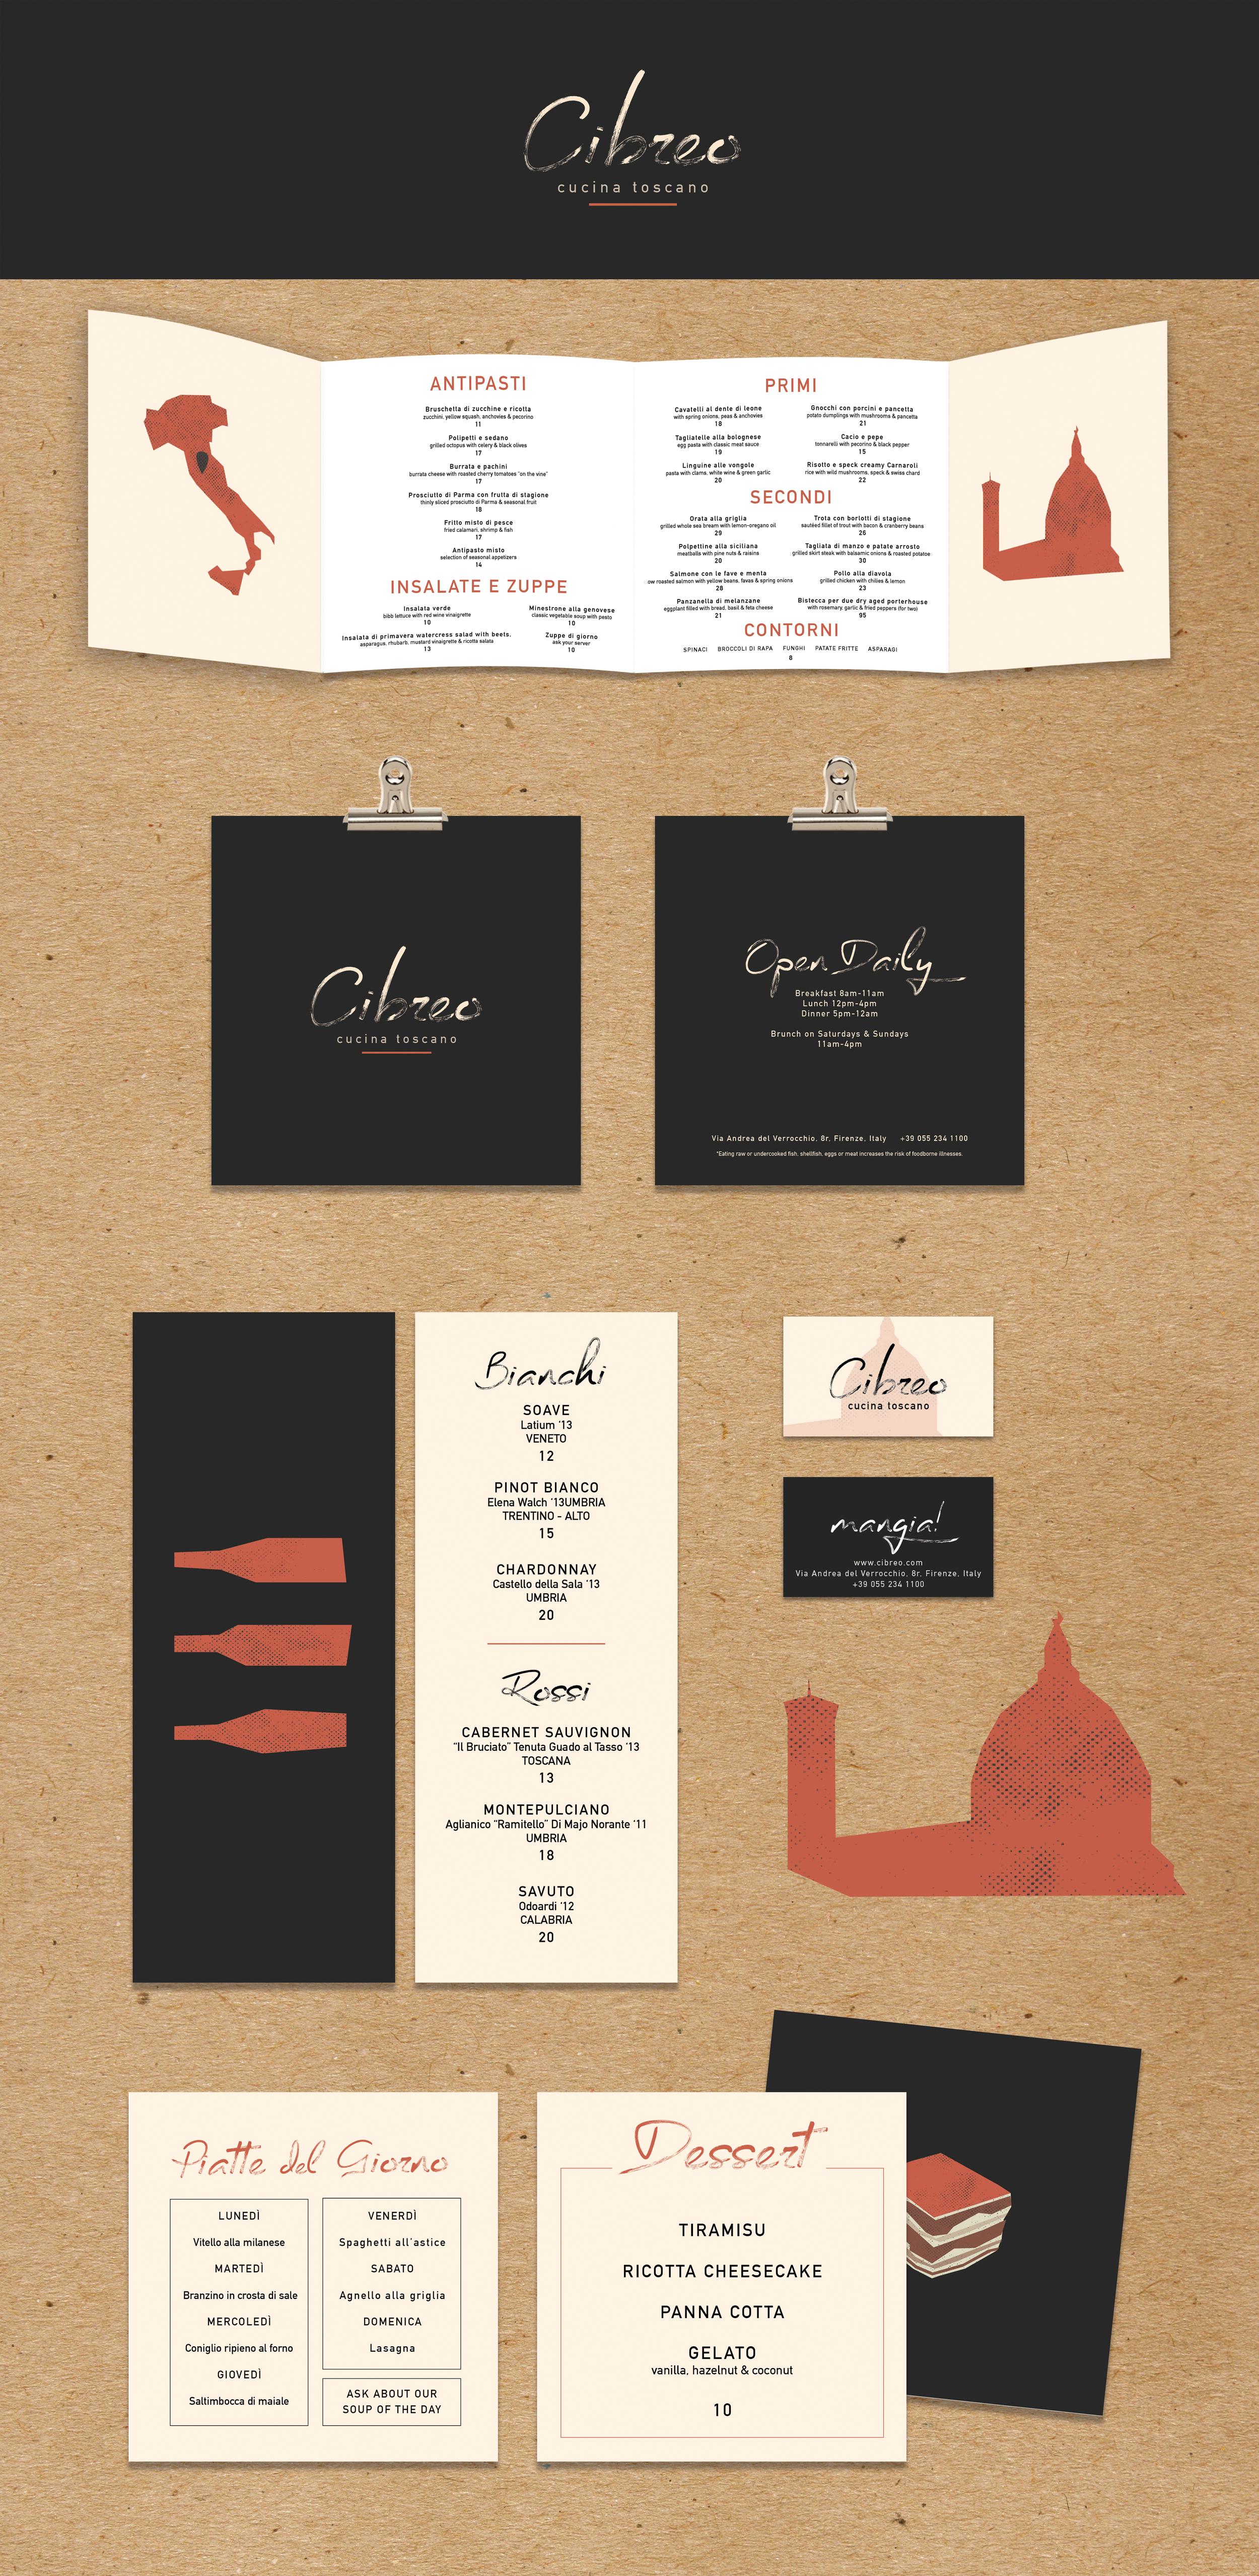 cibreo_menu-2.jpg